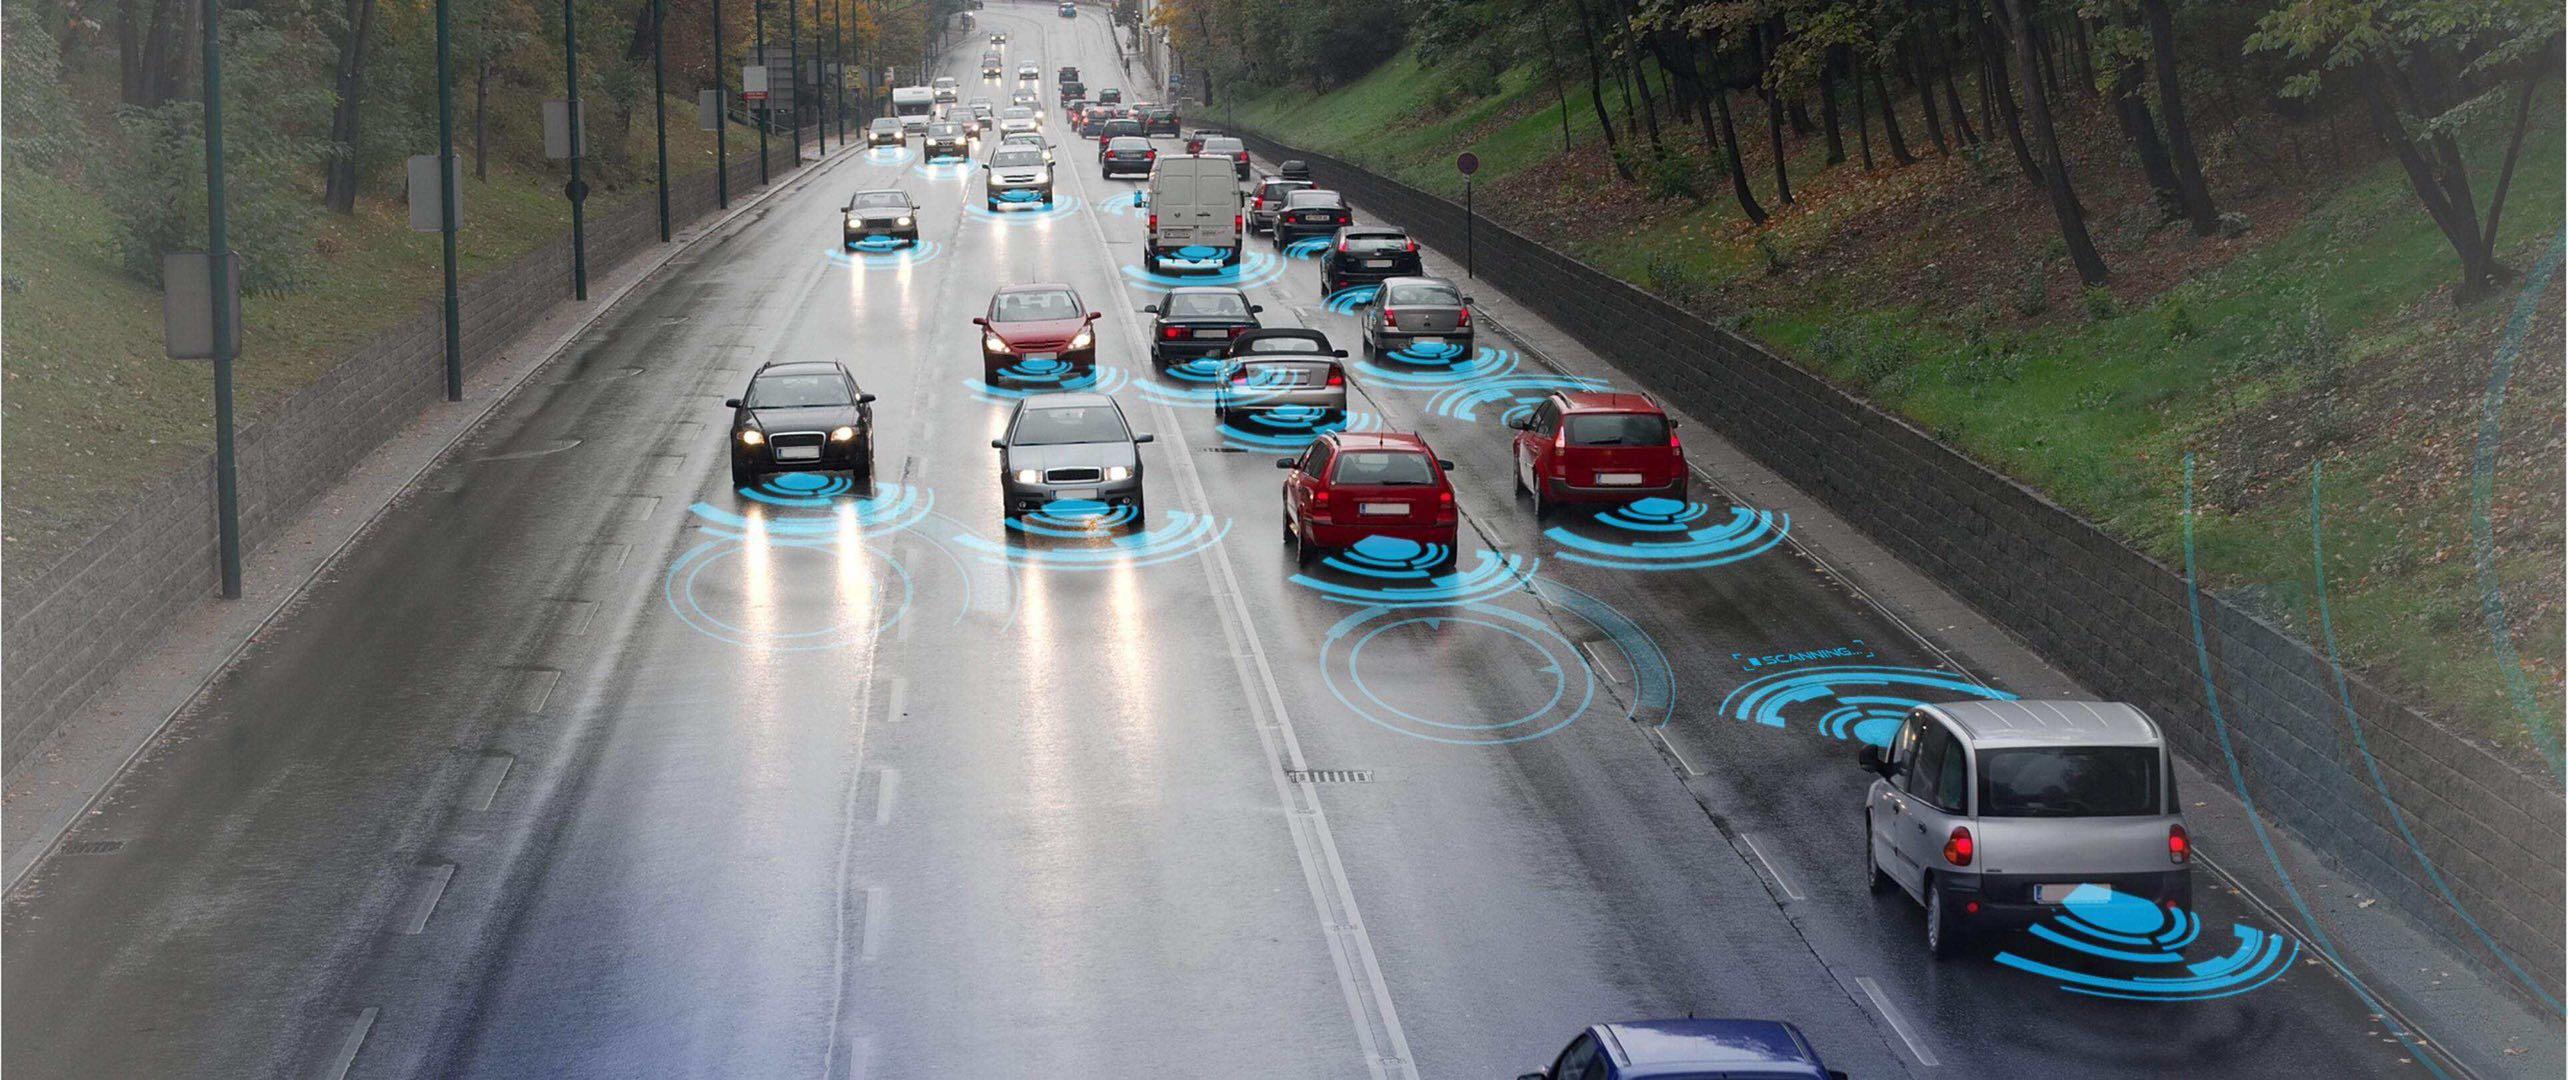 真正的车联网尚未诞生,但为何BAT更适合当主力?